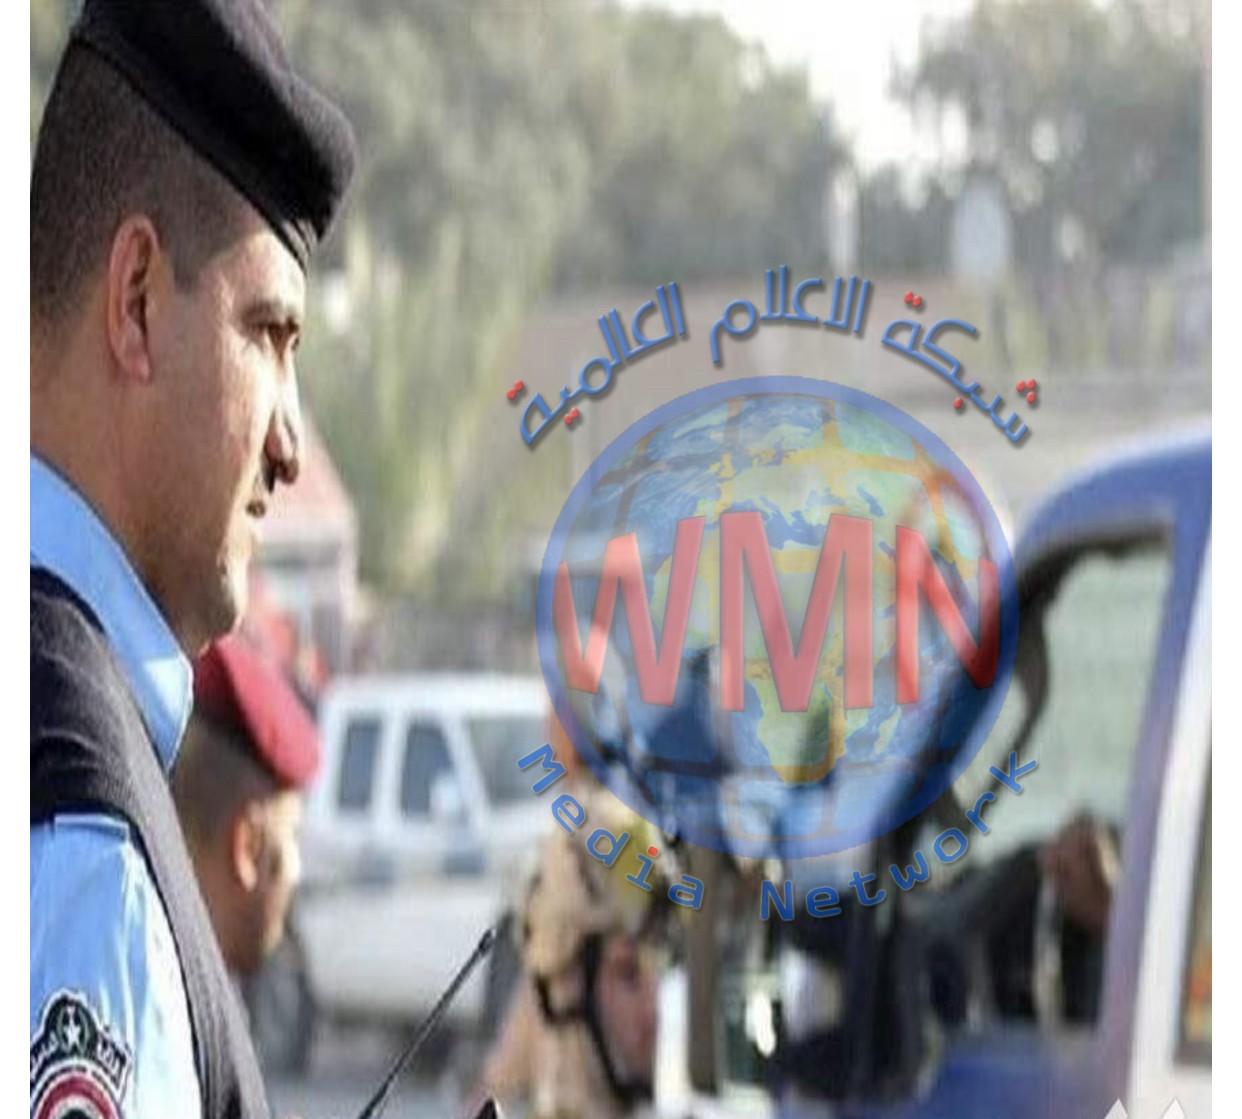 وزير الصحة جعفر علاوي يعقد اجتماعا في وزارة الصحة مع قائد عمليات بغداد اللواء عبد الحسين التميمي